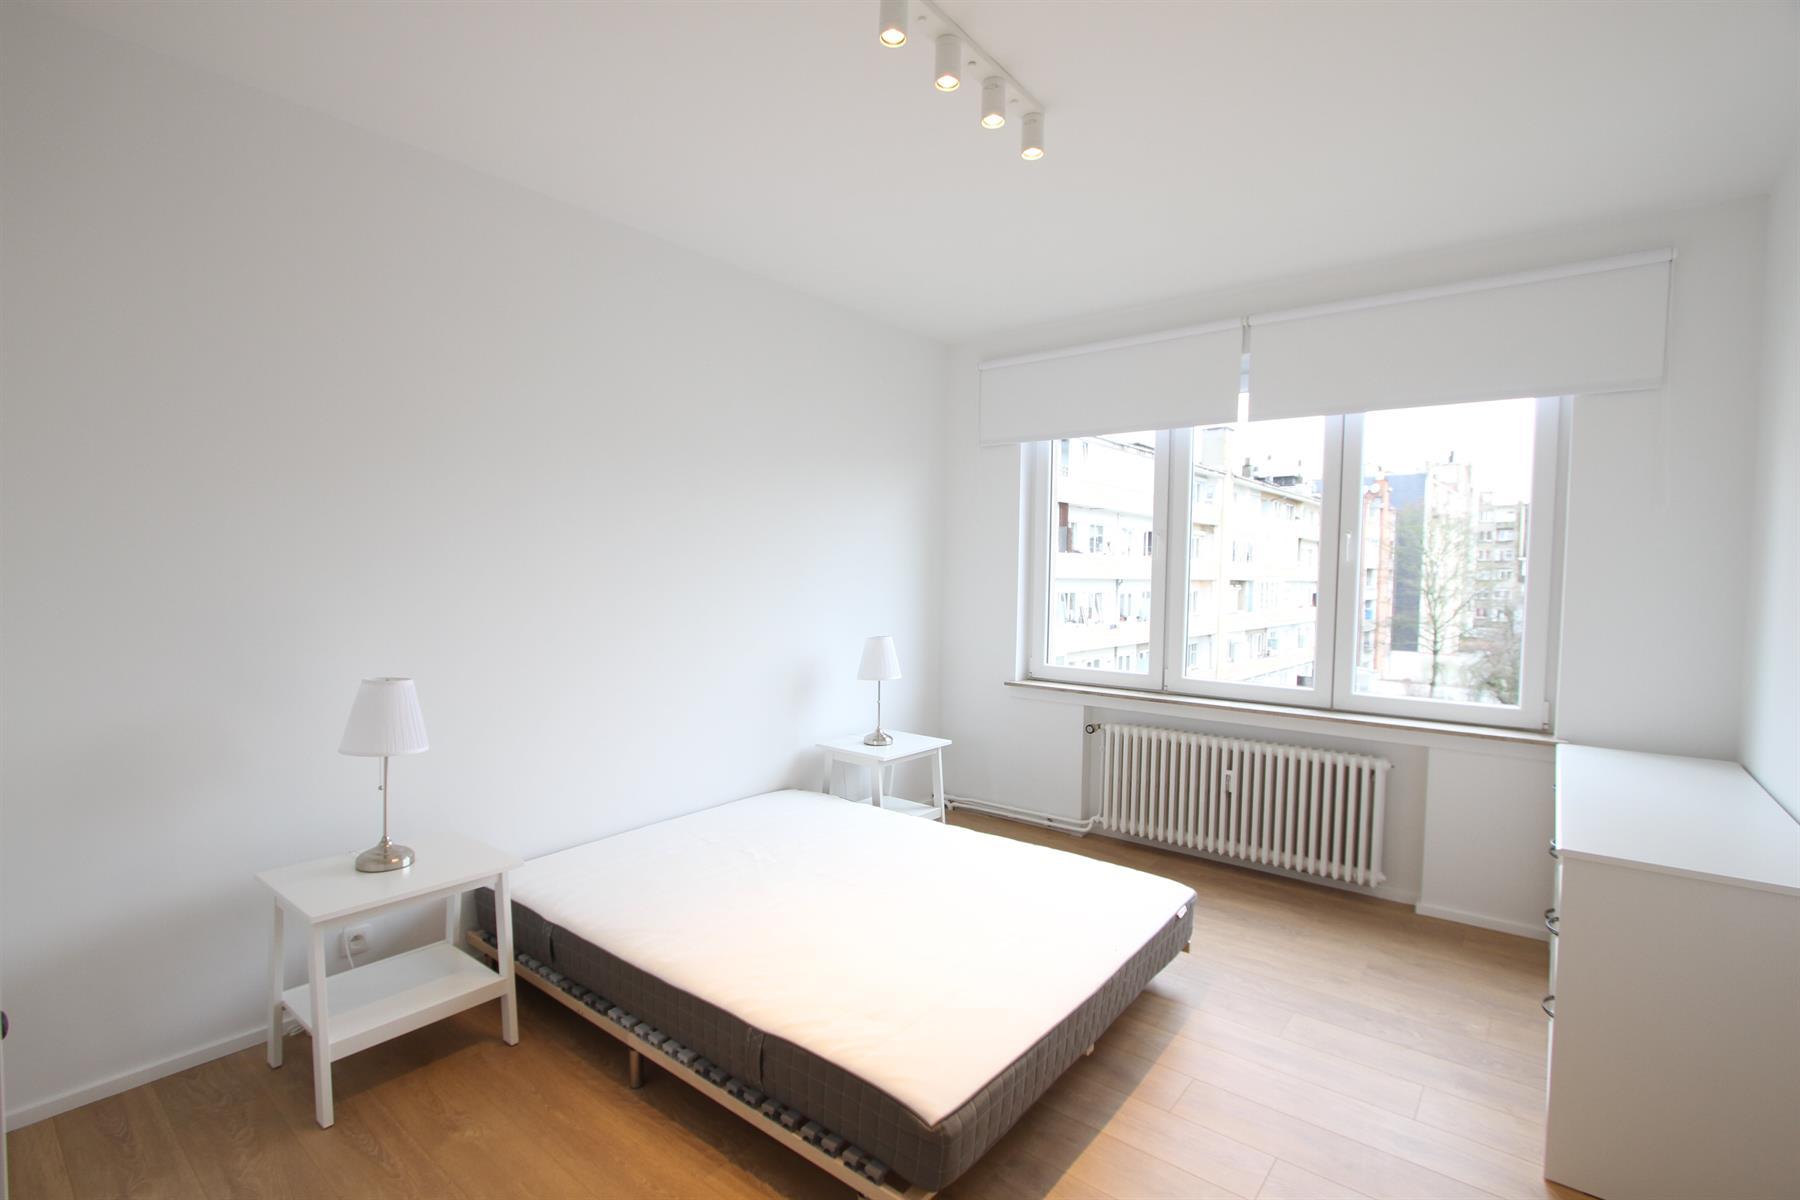 Flat - Ixelles - #3973978-5